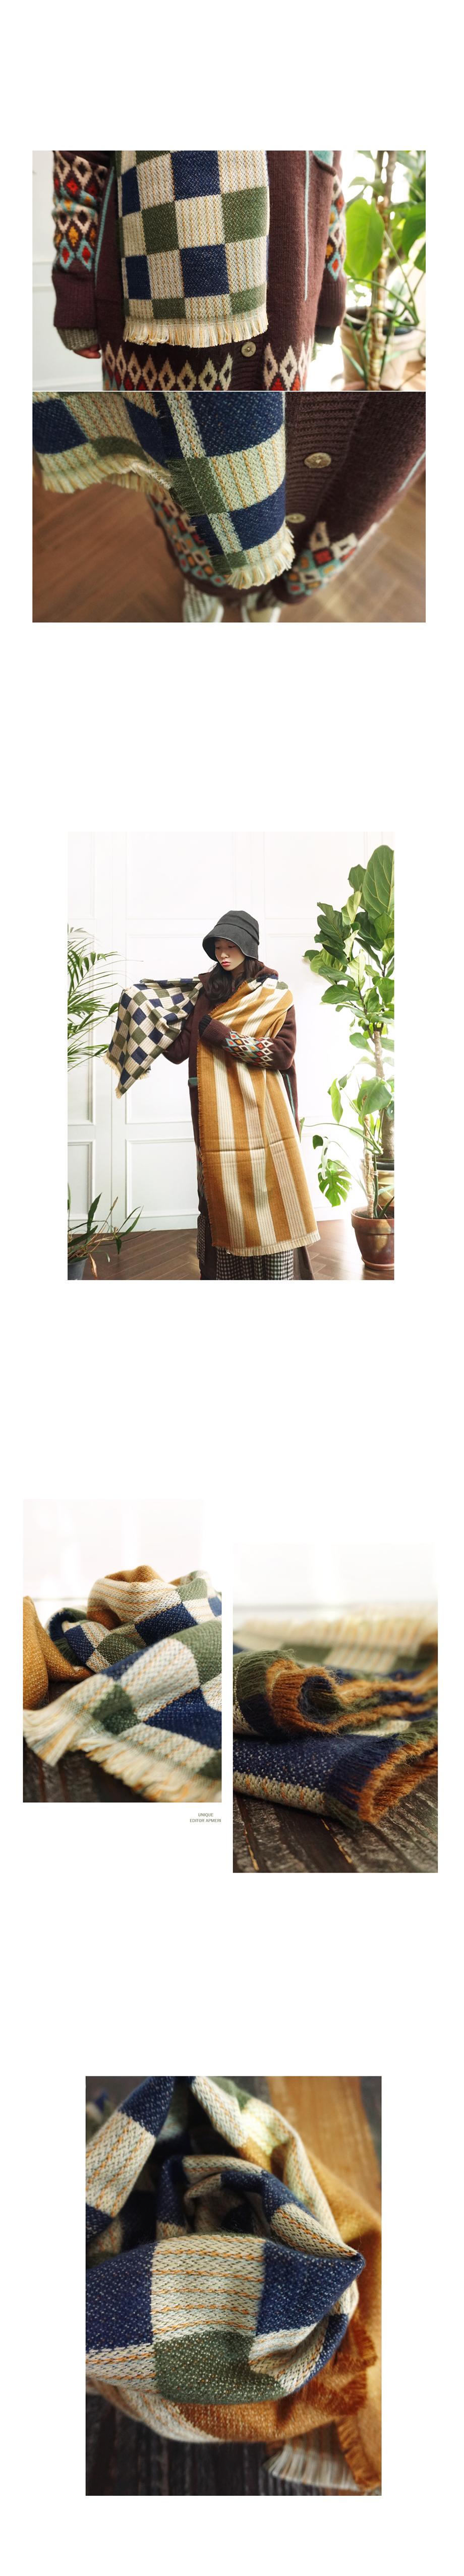 울혼방 감성 배색 체크 니트 롱 머플러23,400원-앞머리이동요망, 패션잡화, 머플러, 니트 머플러바보사랑울혼방 감성 배색 체크 니트 롱 머플러23,400원-앞머리이동요망, 패션잡화, 머플러, 니트 머플러바보사랑